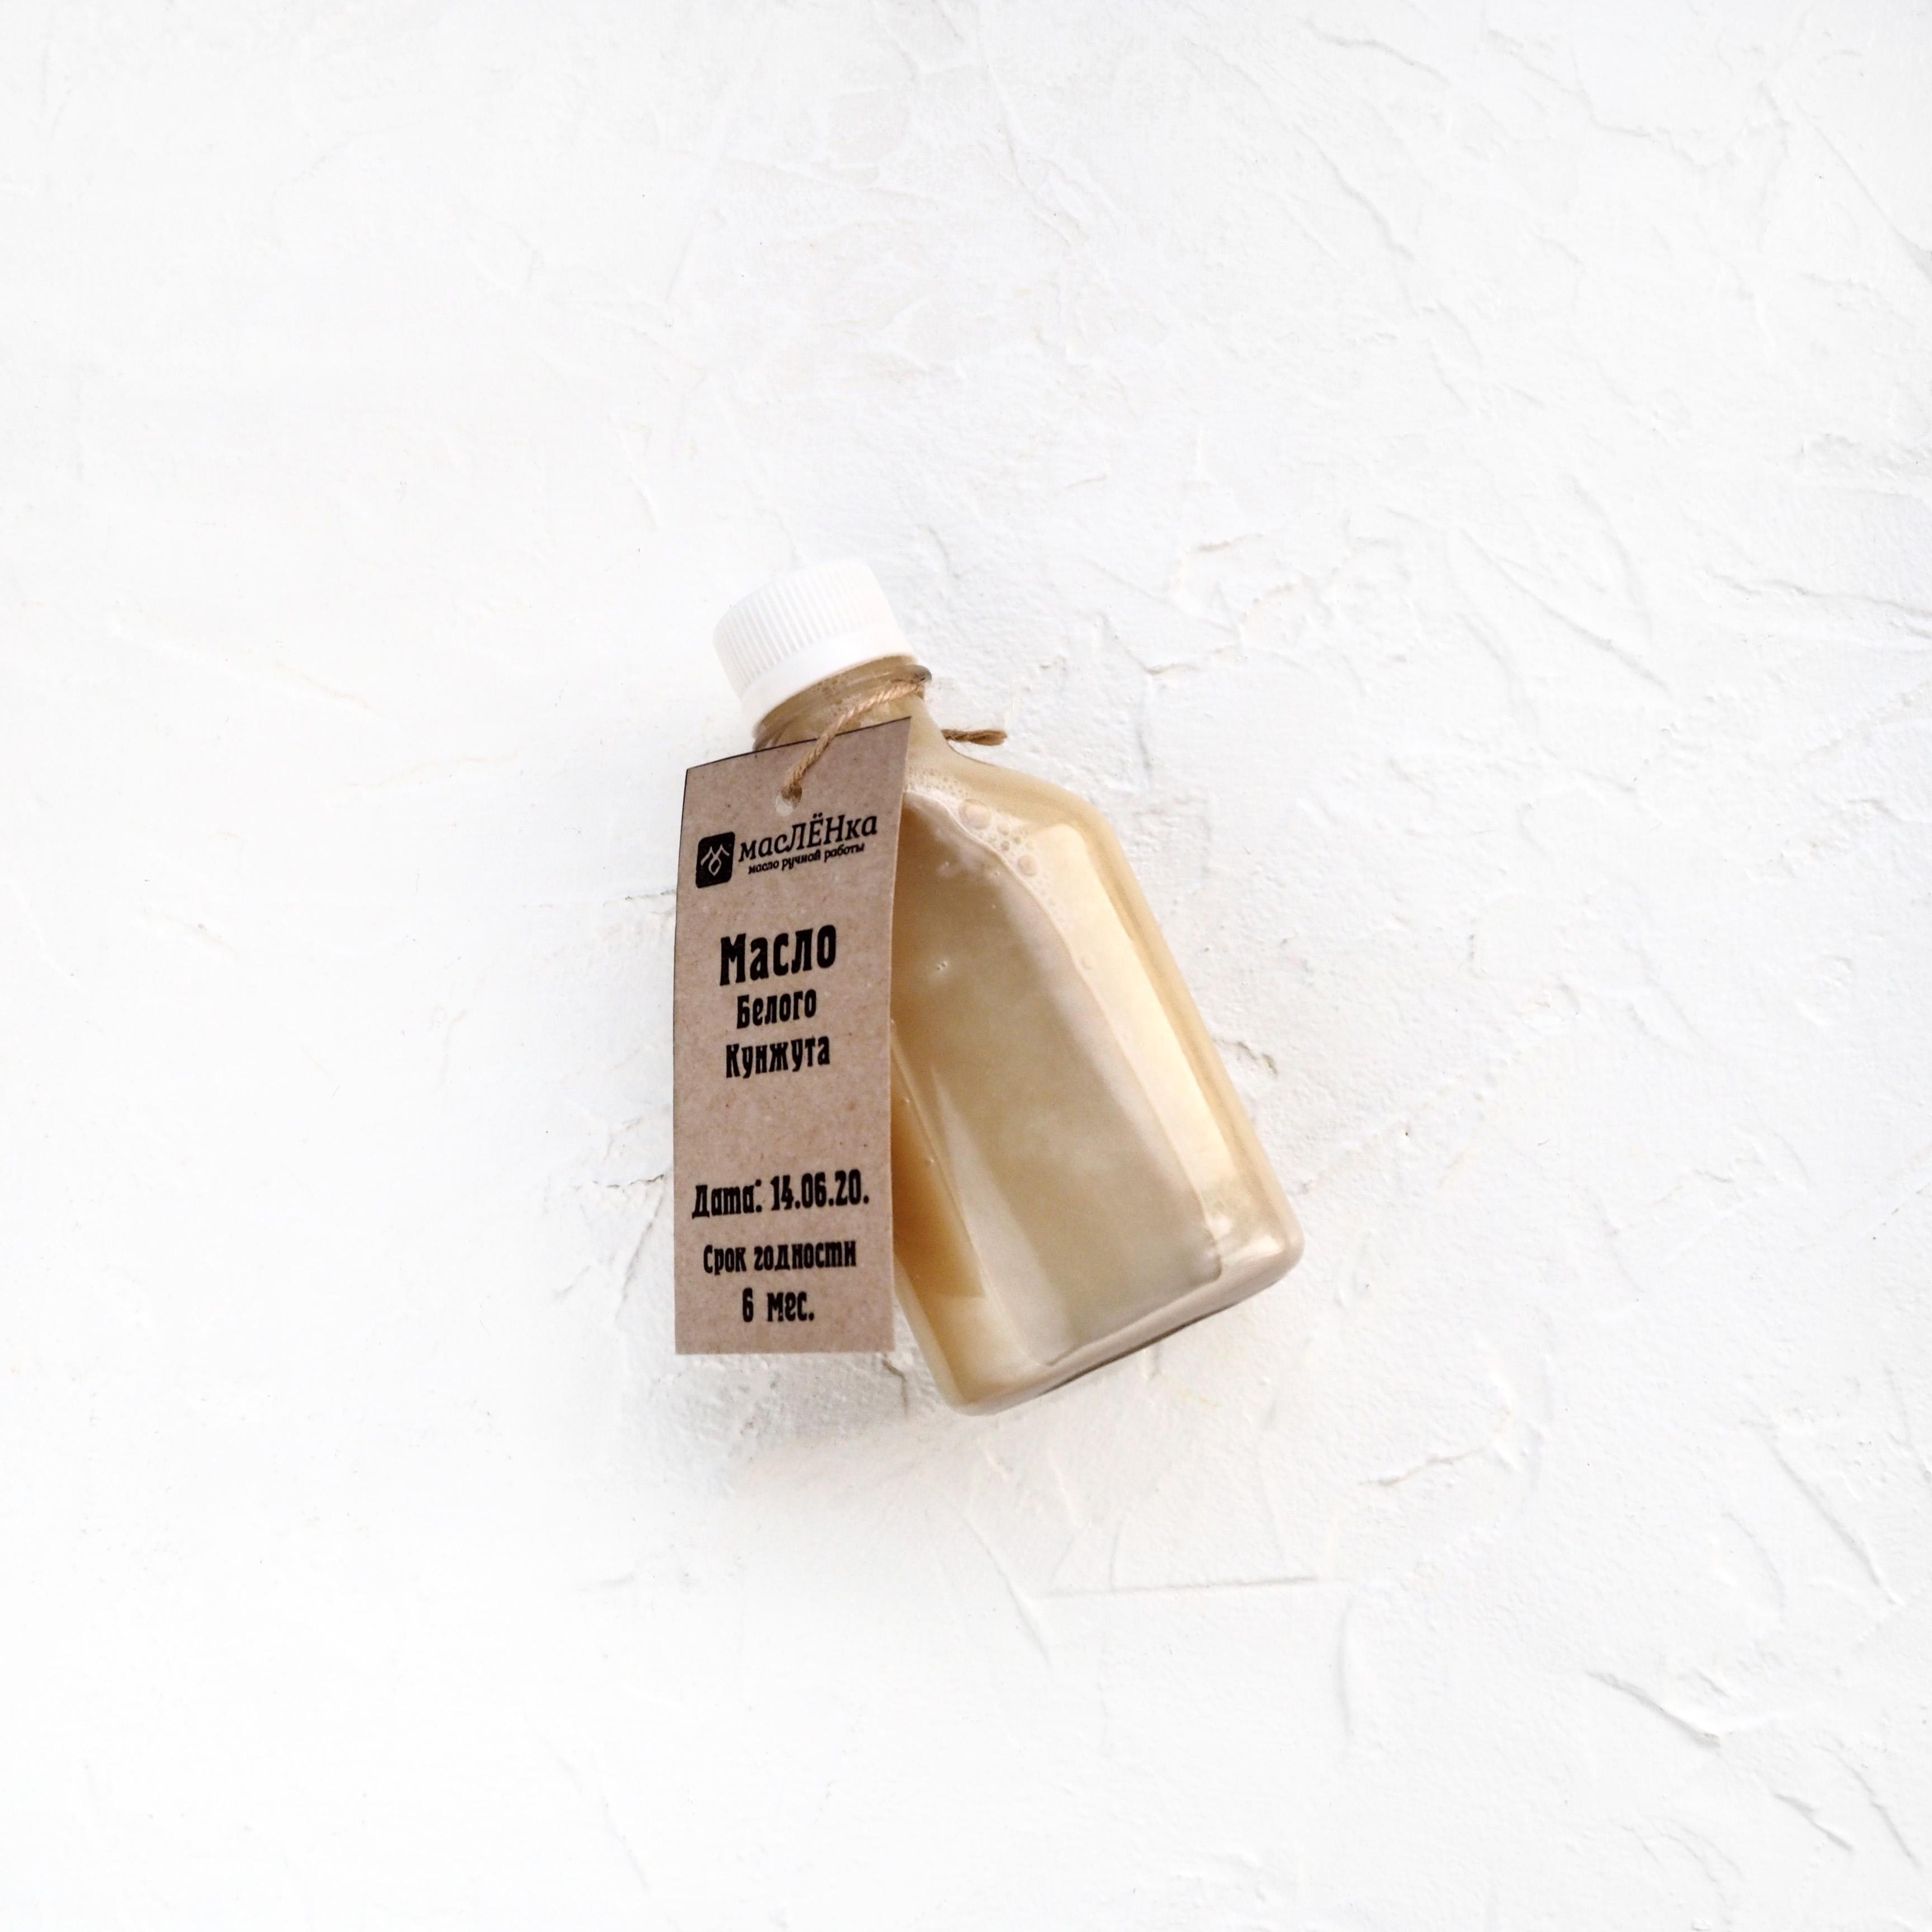 Нерафинированное масло белого кунжута первого отжима (1 шт., 0,25 л)